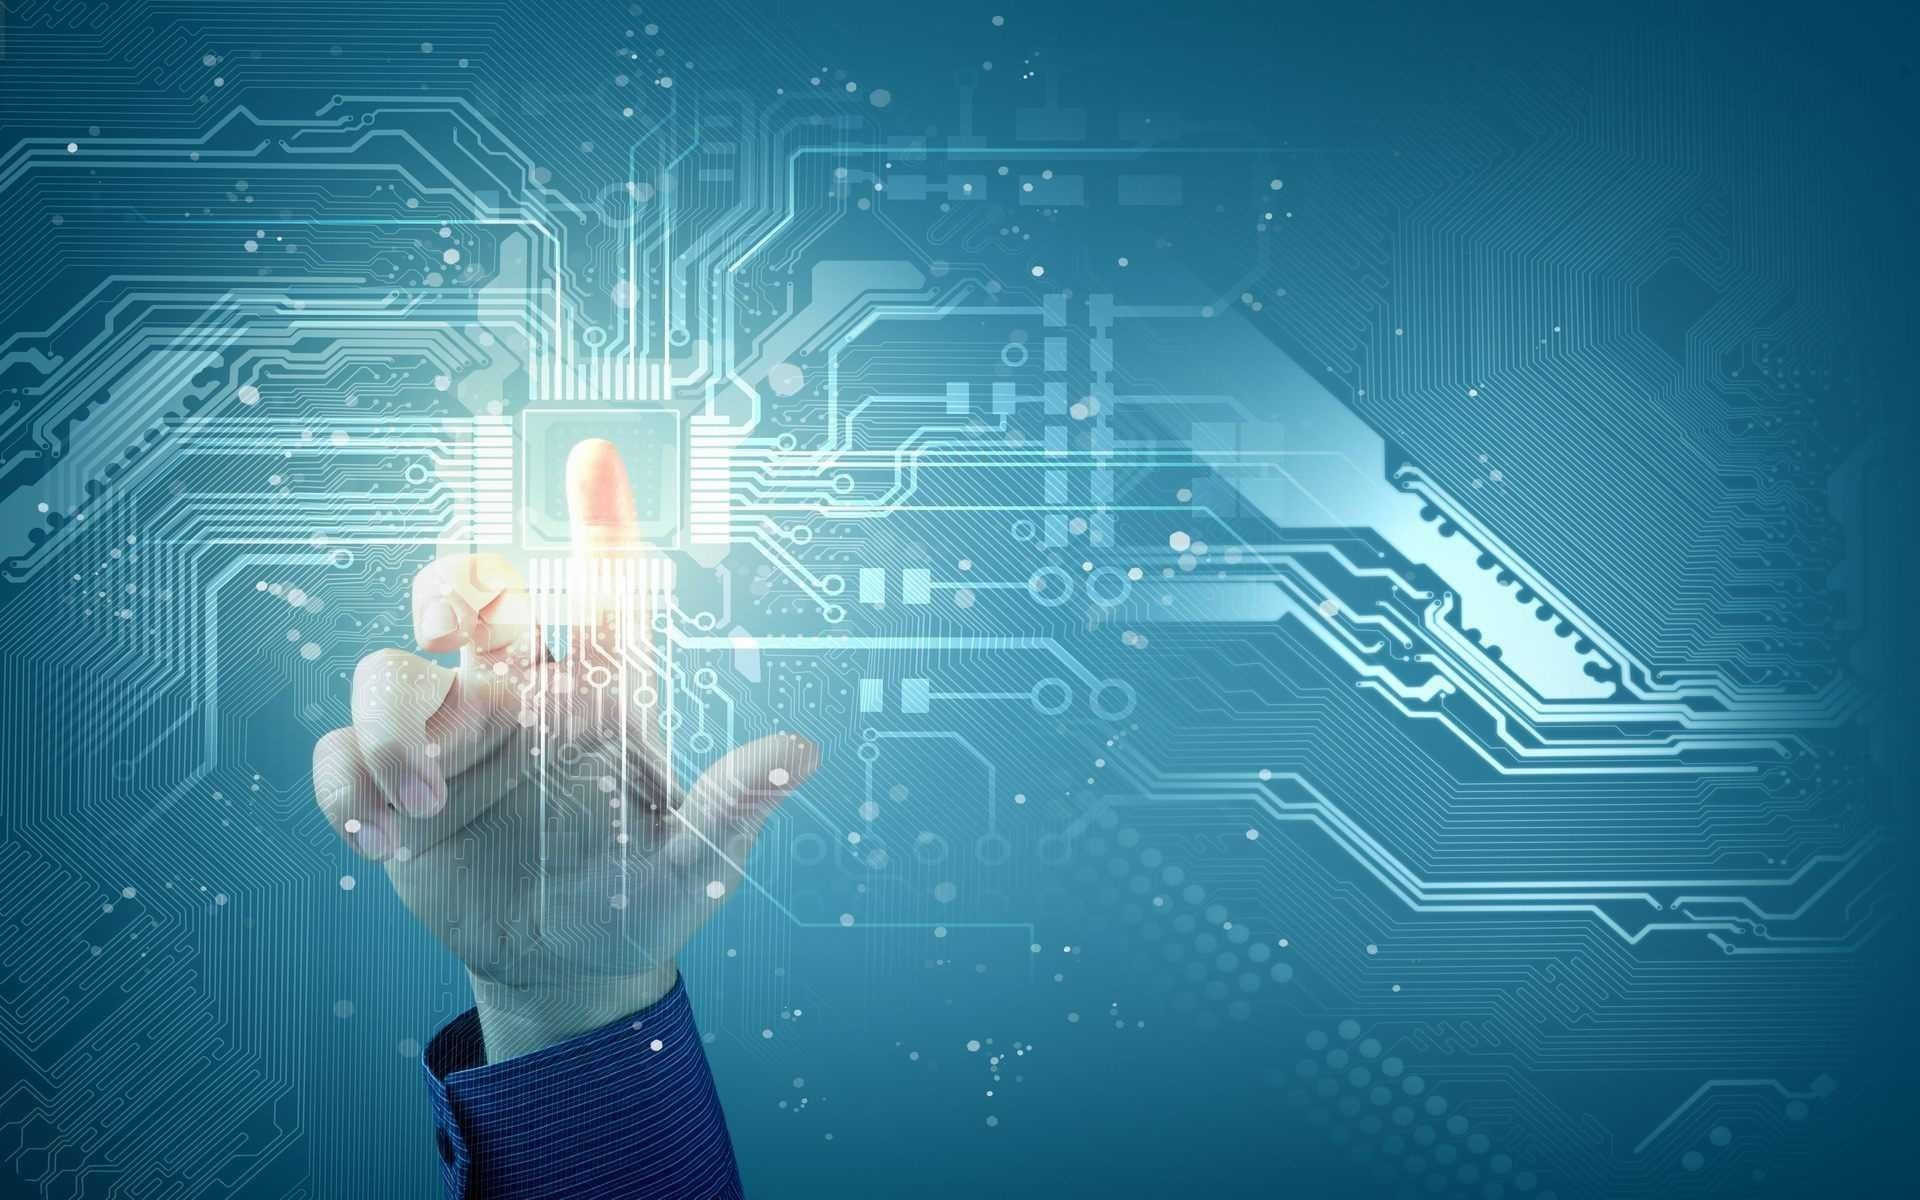 Πληροφορική, STEM και Ρομποτική στην πρωτοβάθμια και δευτεροβάθμια εκπαίδευση